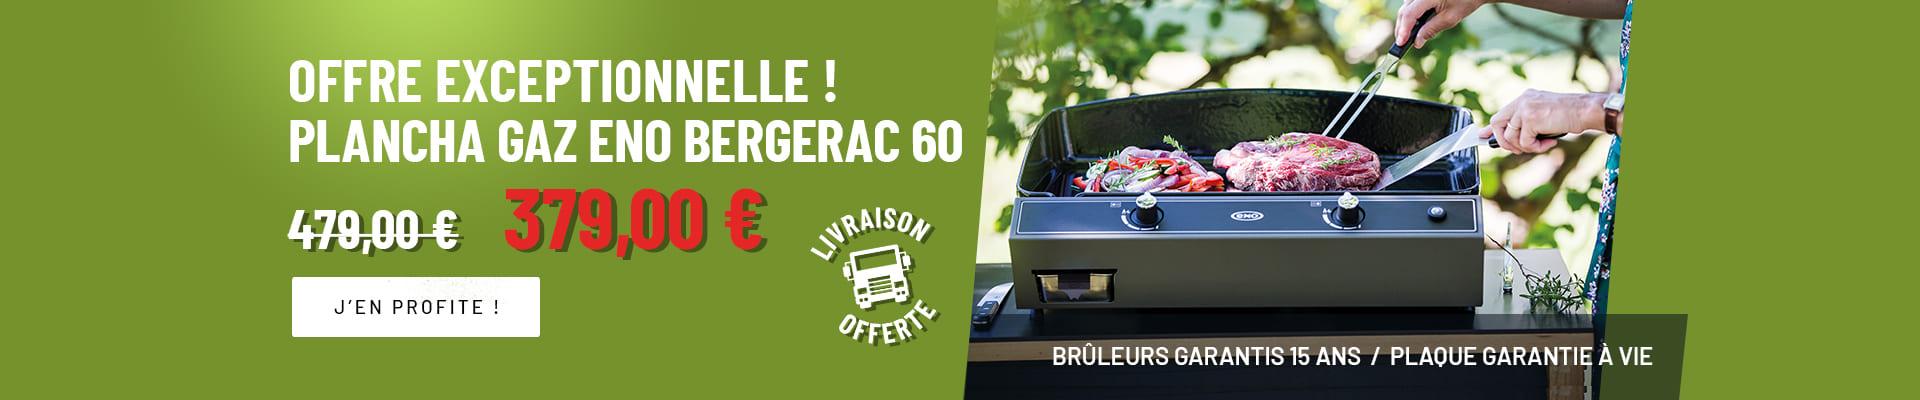 Offre Bergerac 60